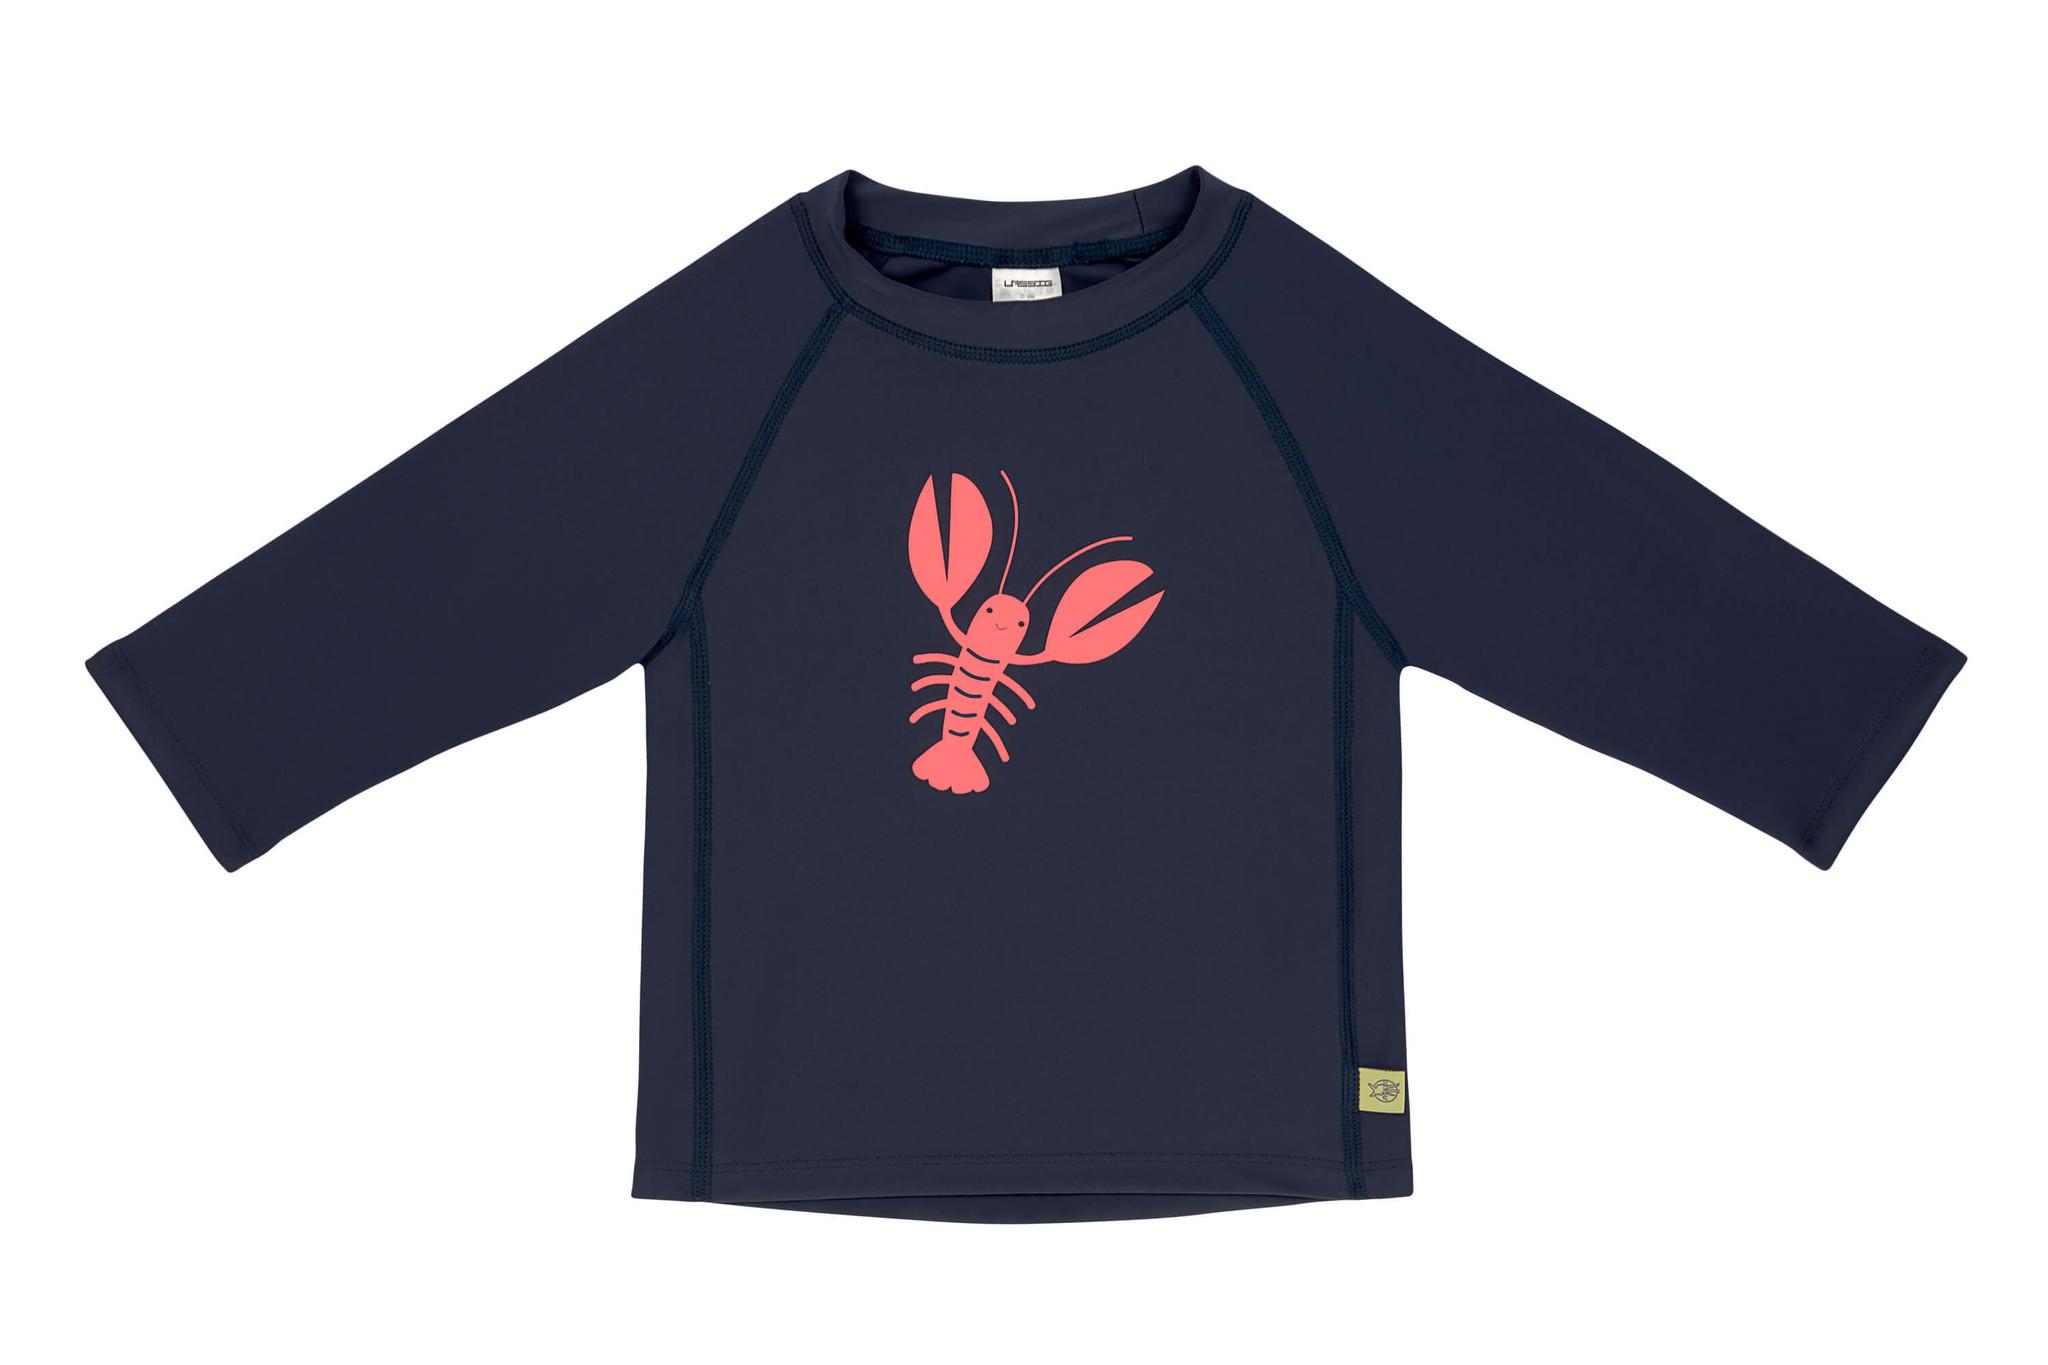 Lässig Lässig Splash & Fun Lange mouw Rashguard / zwemshirt - Lobster 6 maanden